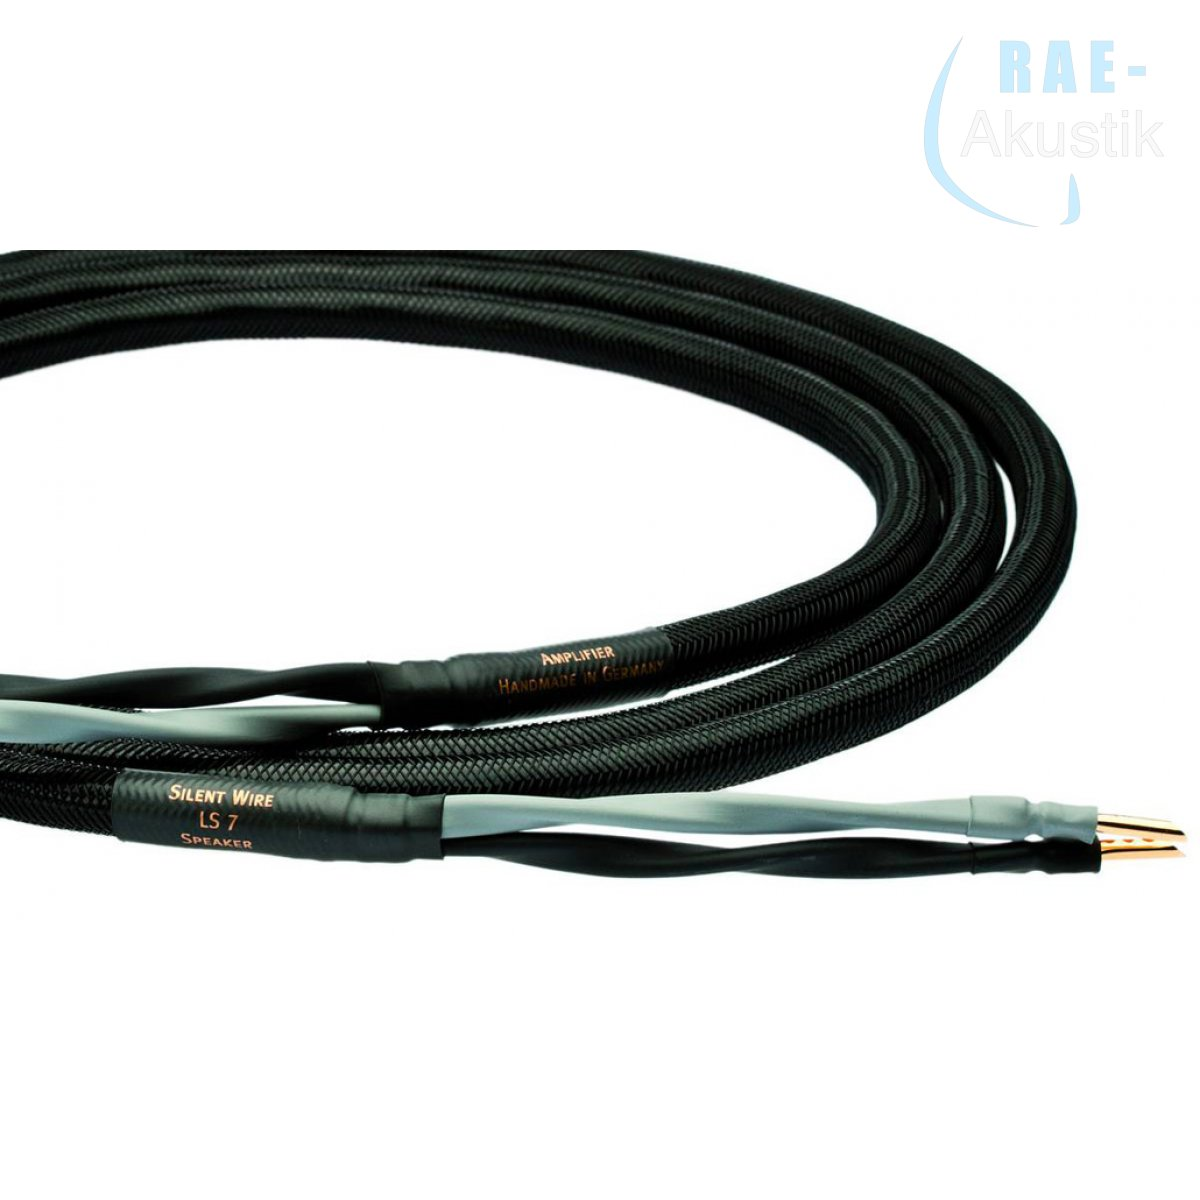 Silent WIRE LS 7 Lautsprecherkabel, ab 2 x 1,0 m, single oder bi-wire